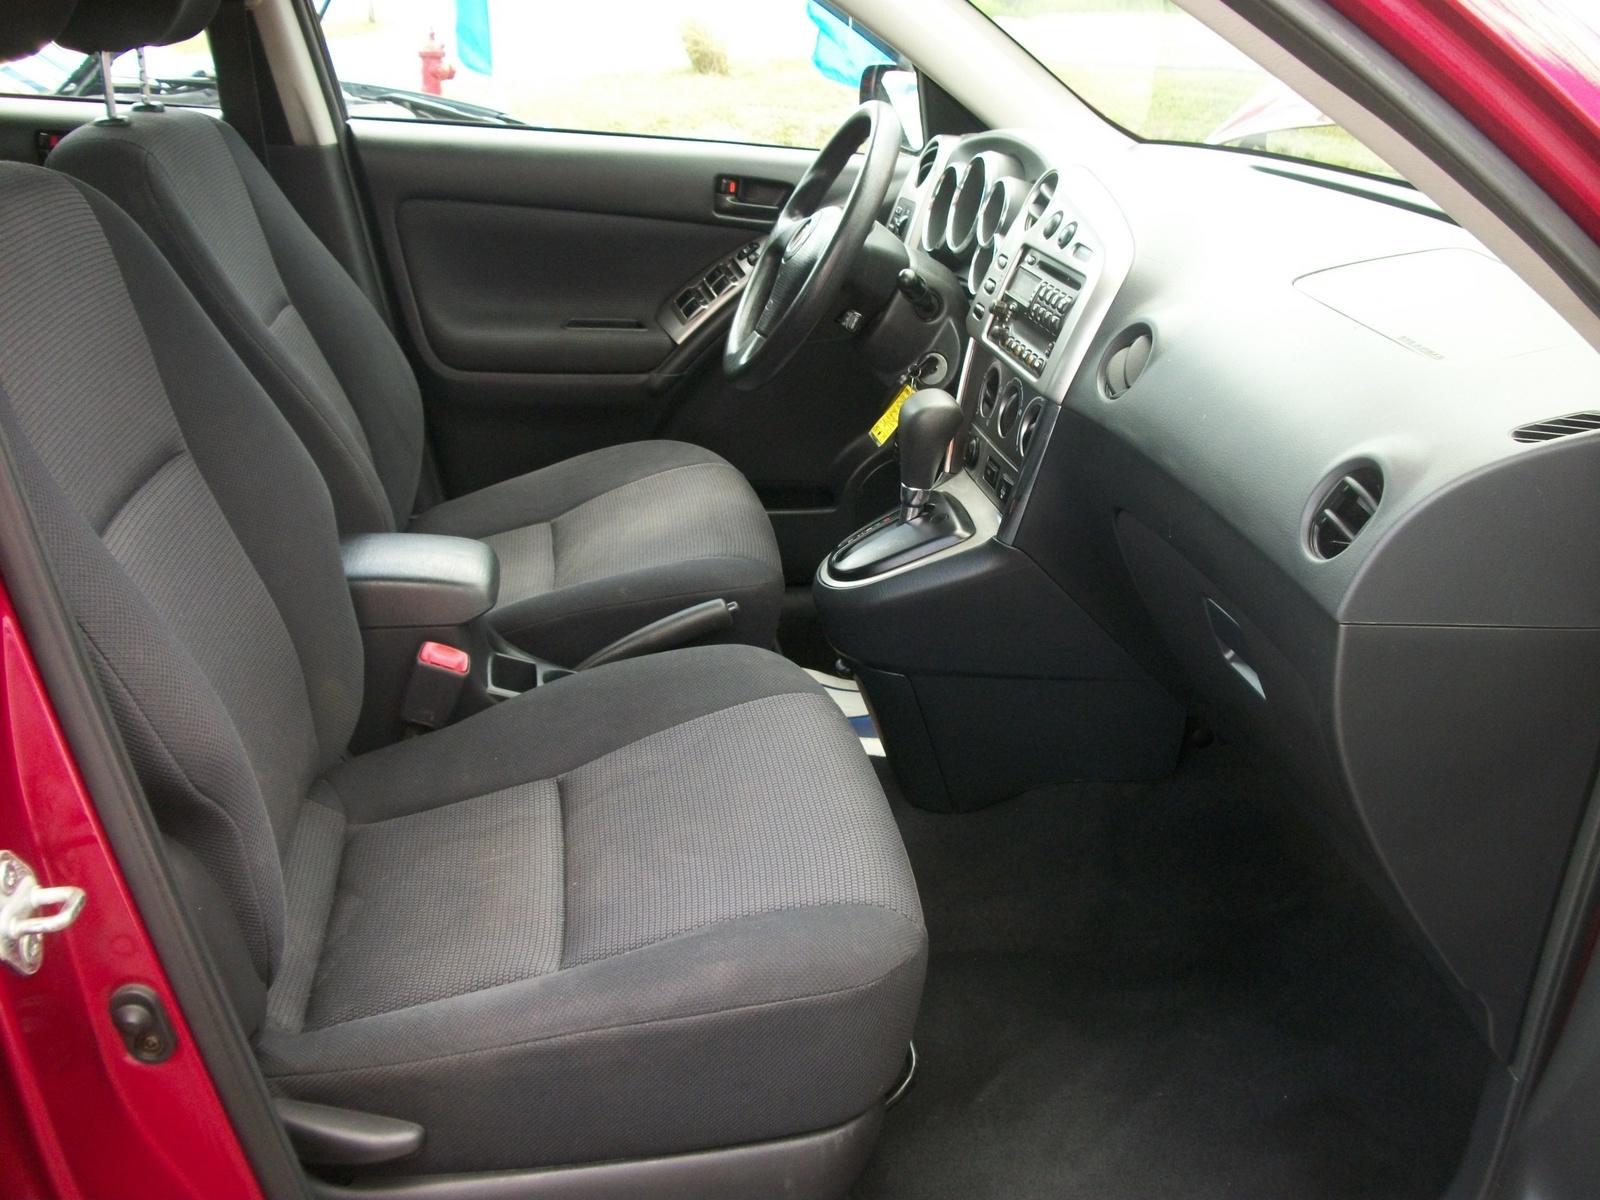 2010 Pontiac Vibe Interior Pictures Cargurus